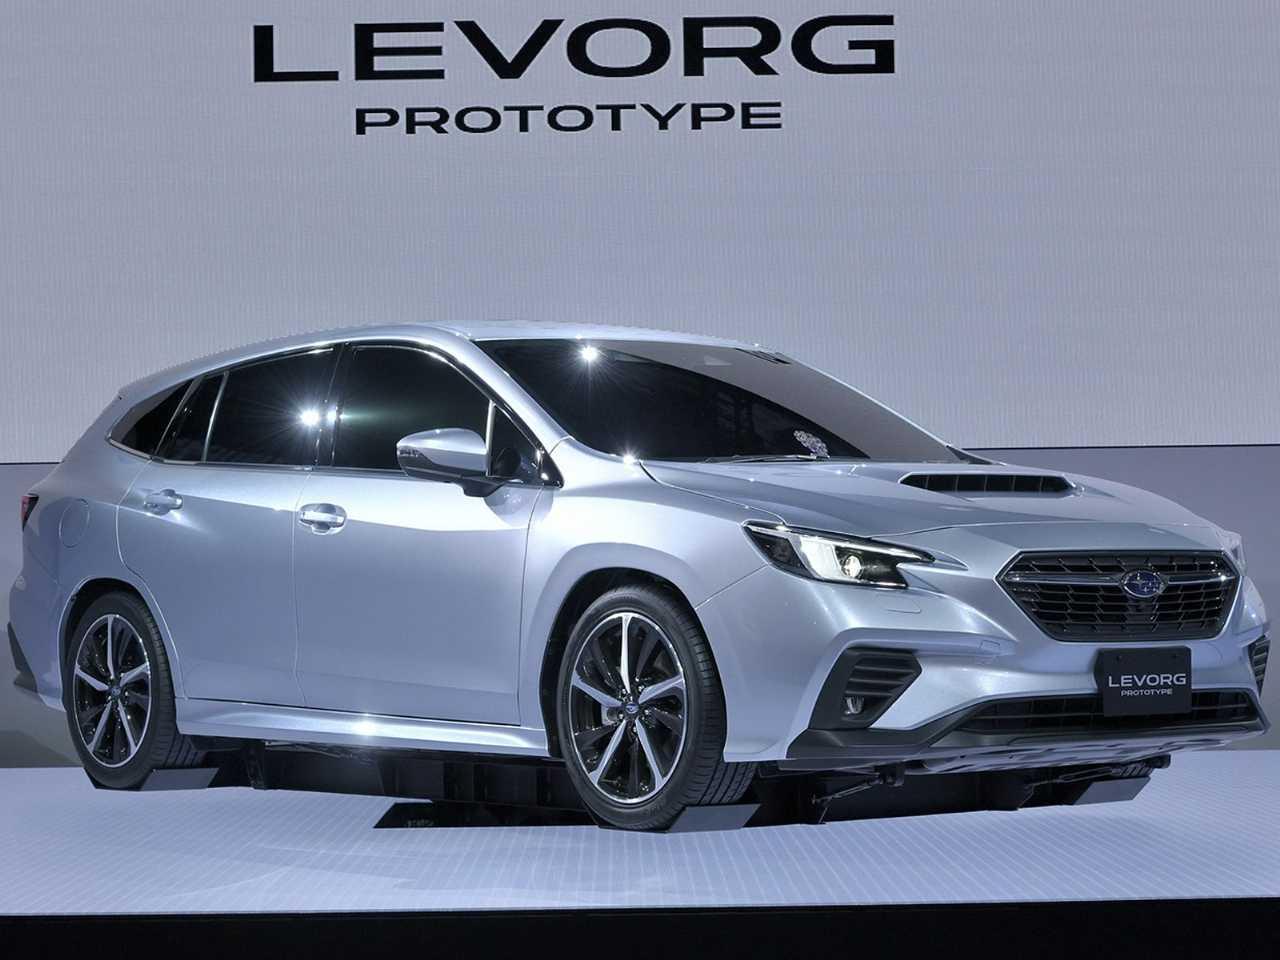 Protótipo da nova geração do Subaru Levorg revelado no Salão de Tóquio